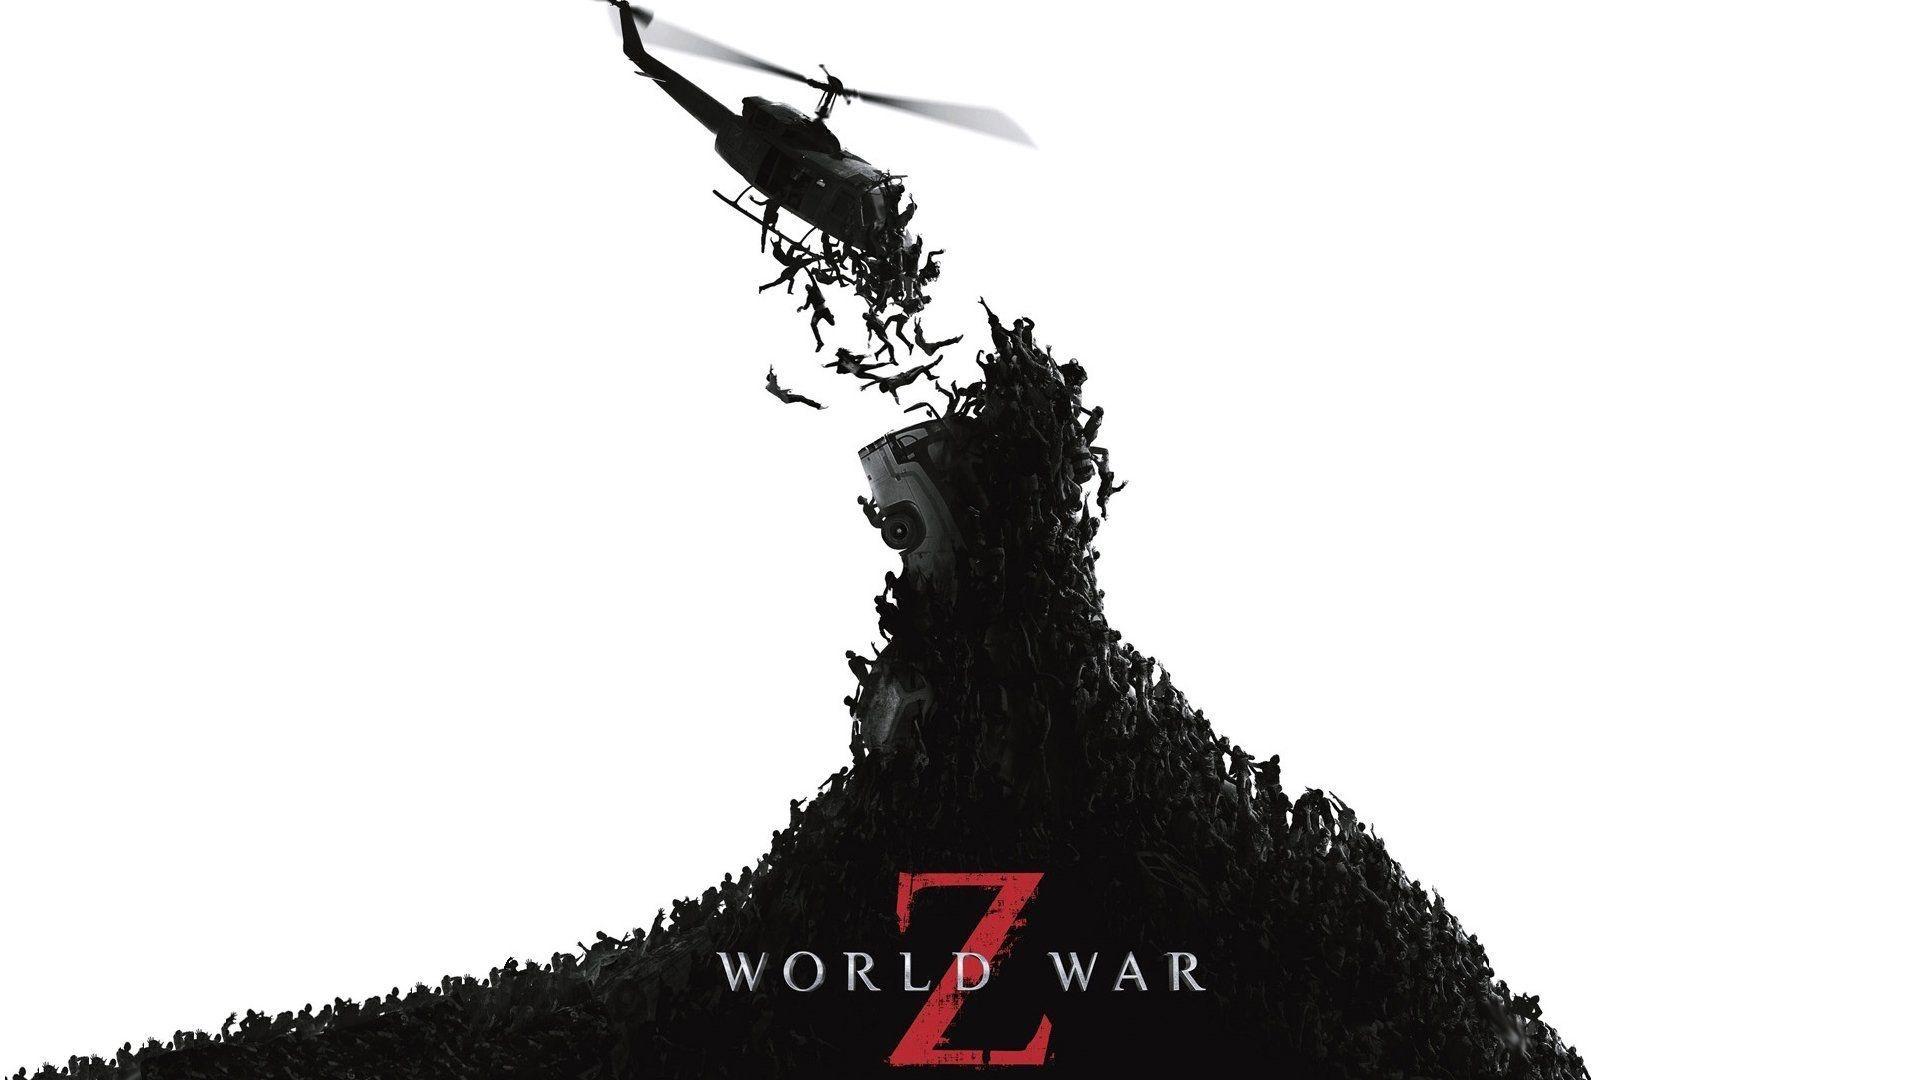 world war z wallpapers - wallpaper cave